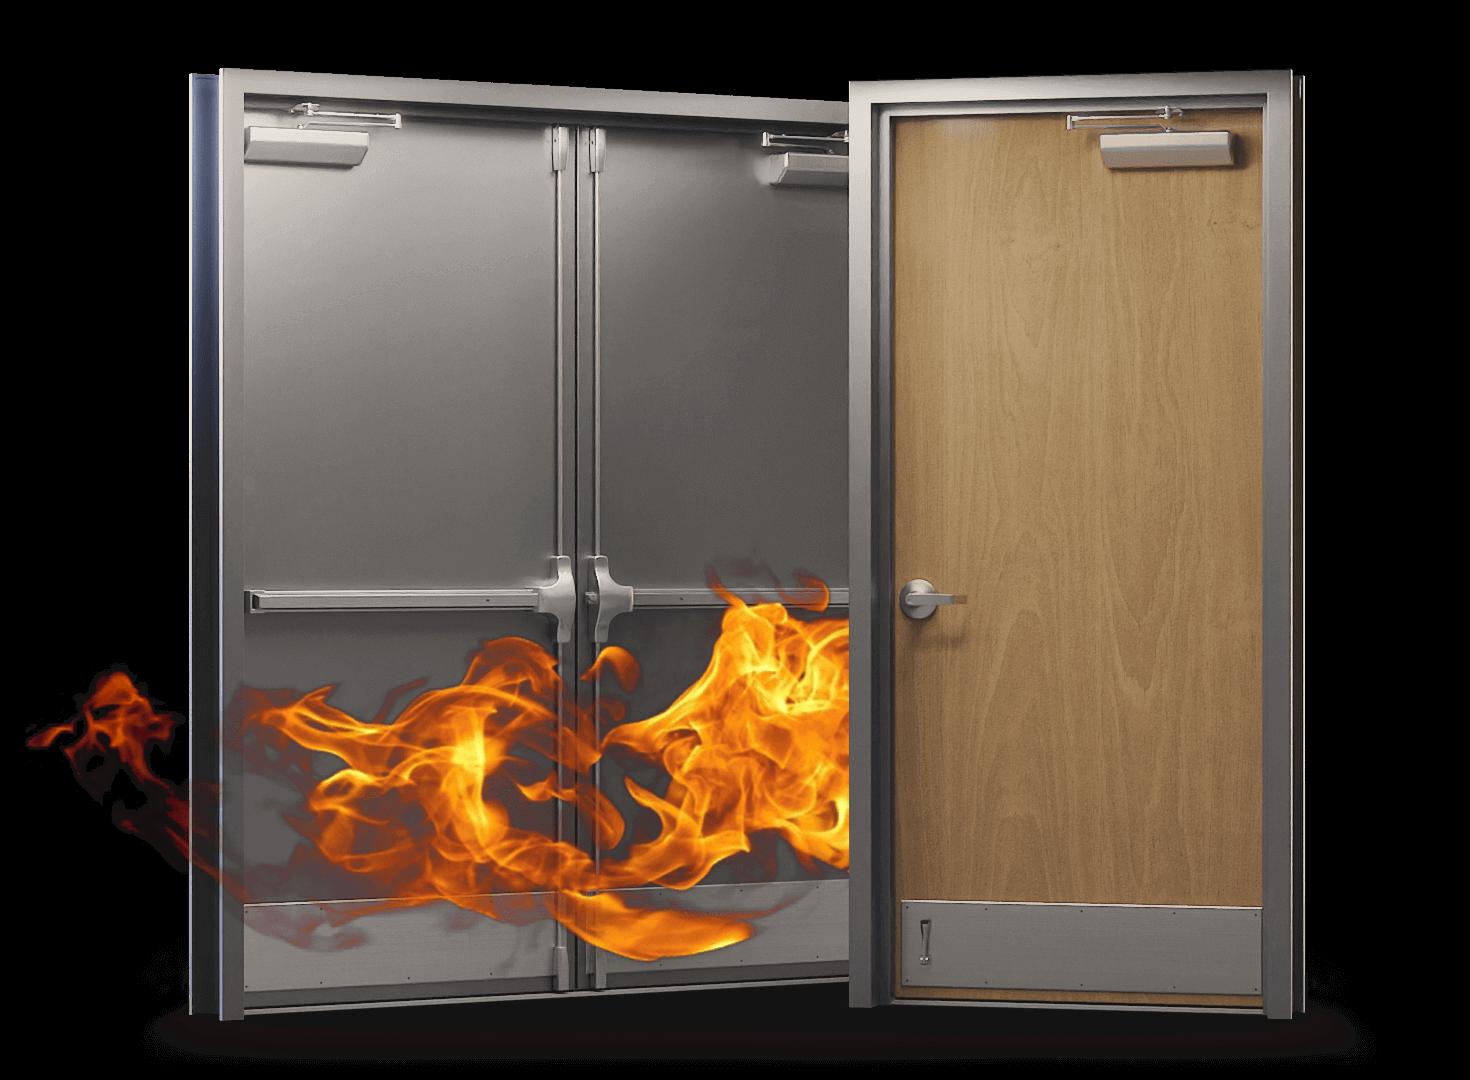 metal-and-wood-door-fire-ratedv2